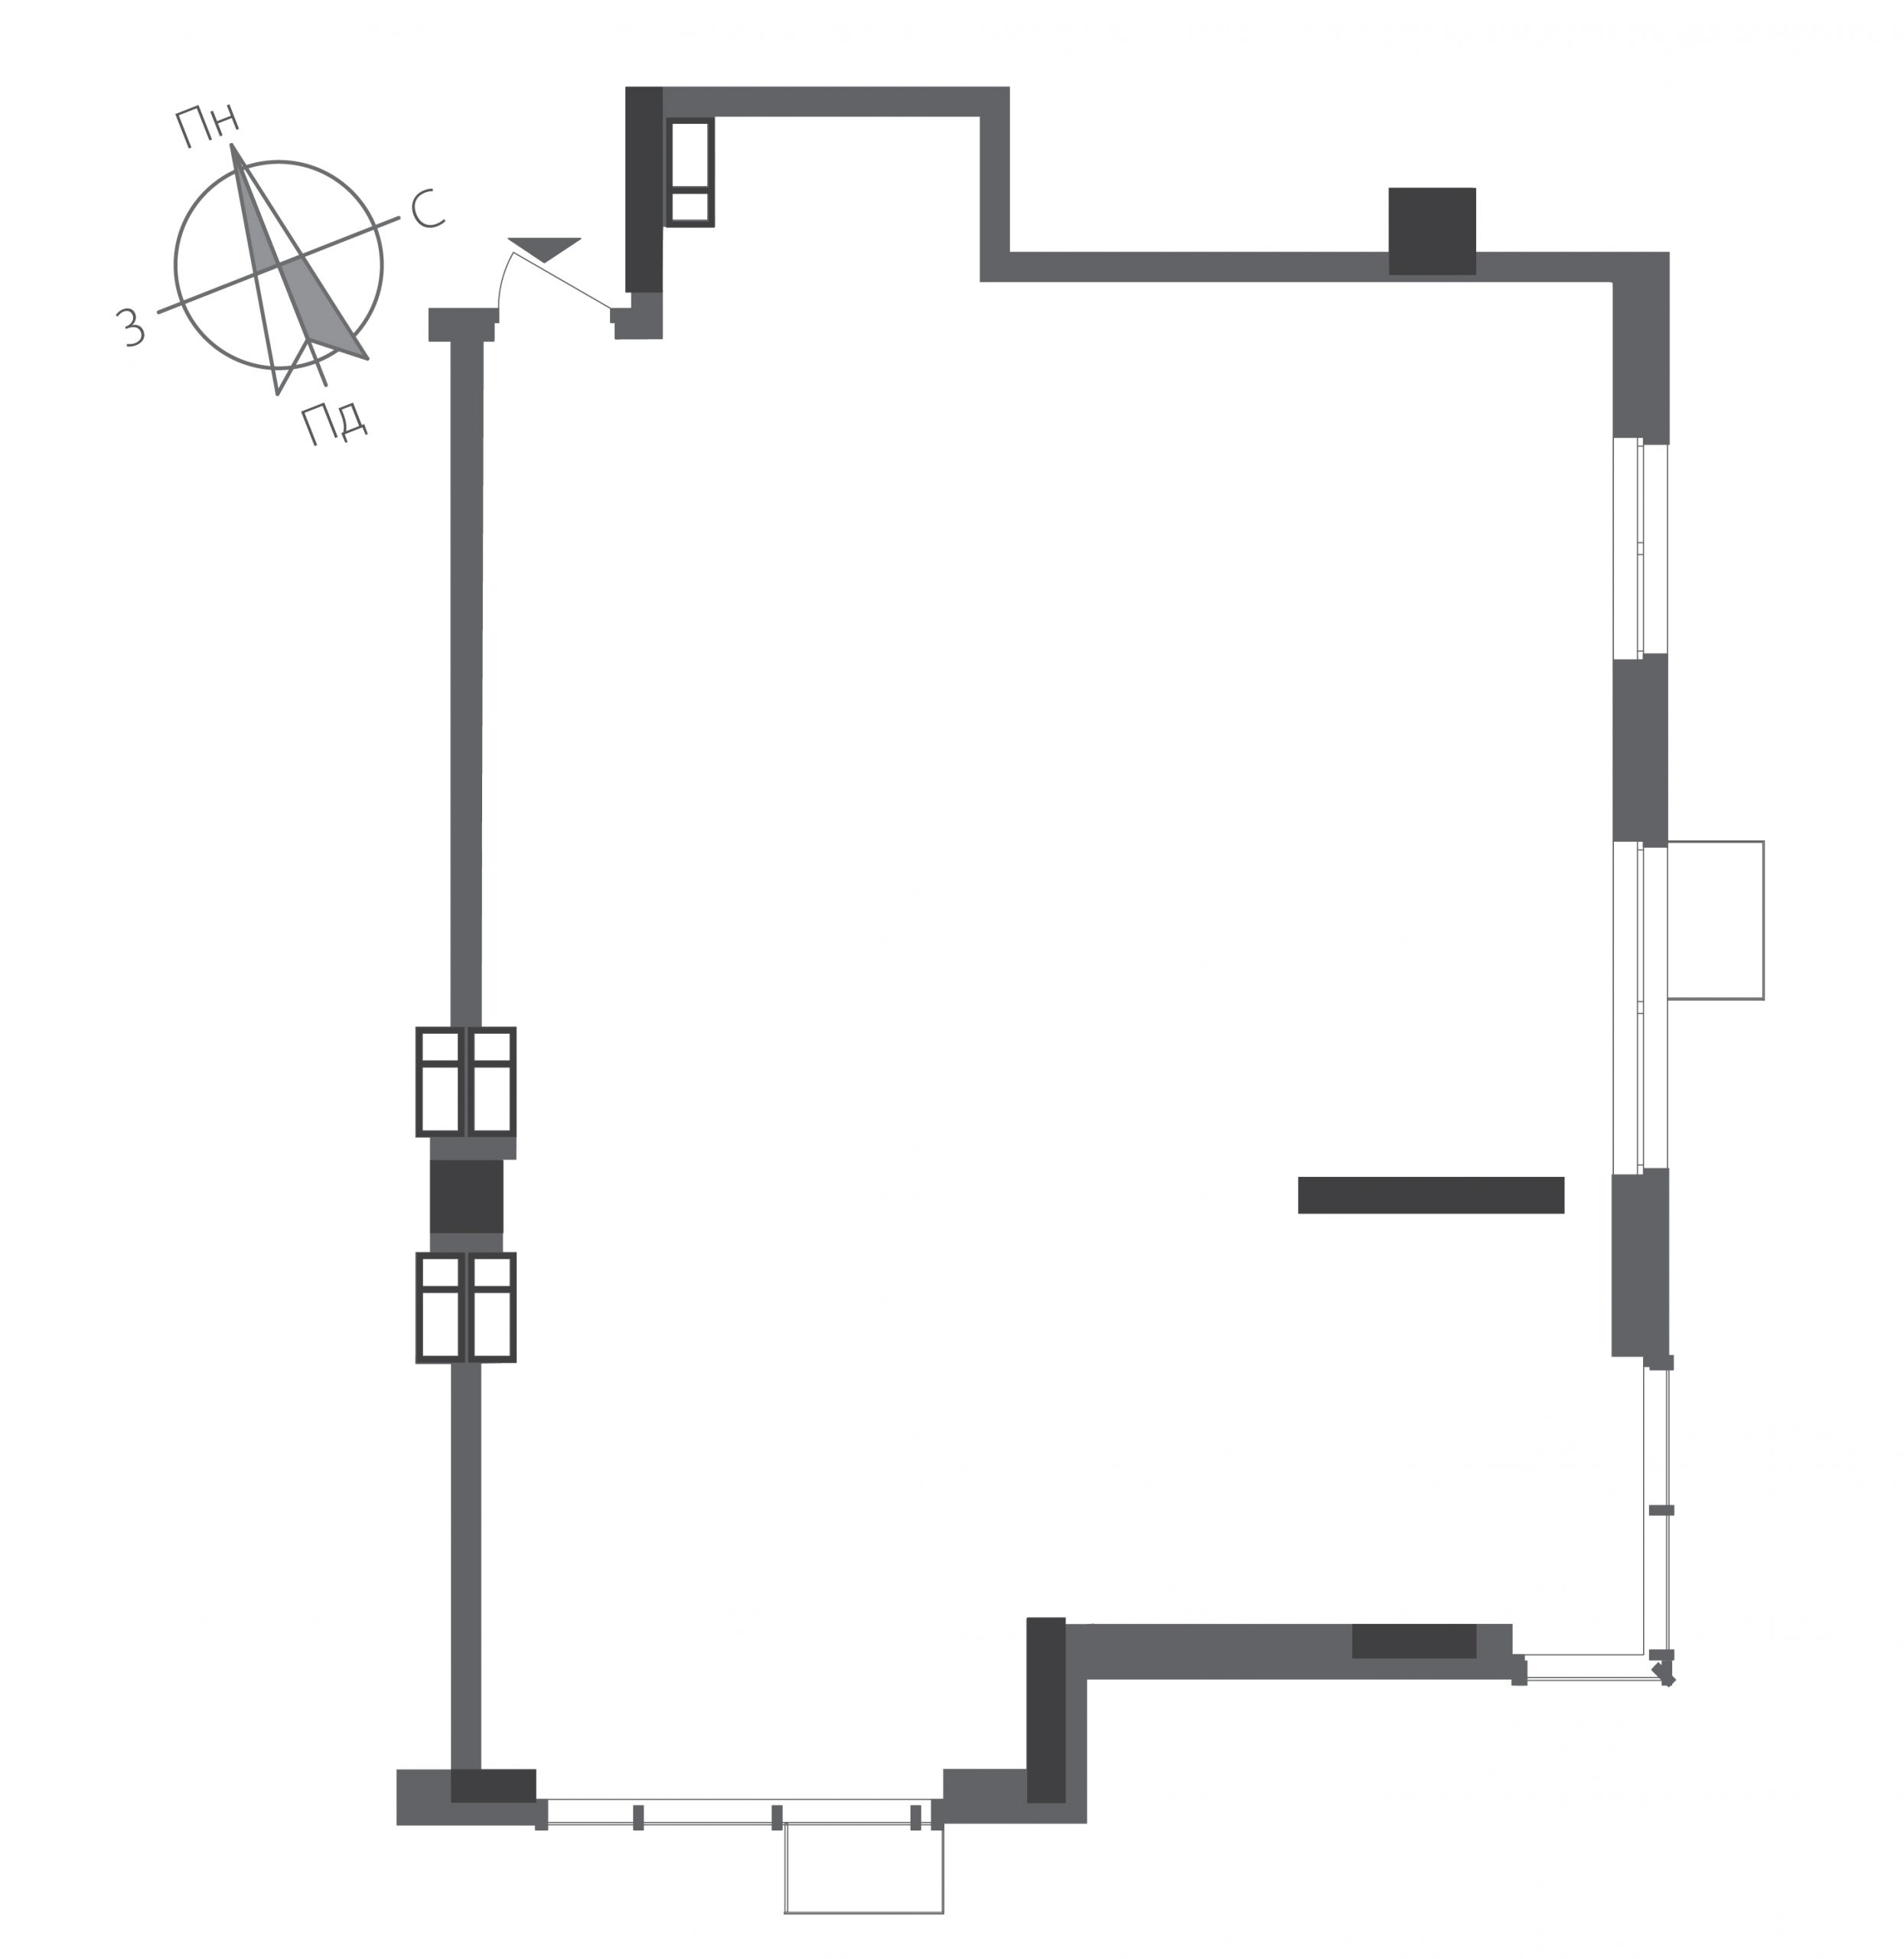 Номер квартиры №1802, Дом 9, Этаж 18, Полная площадь 108,42